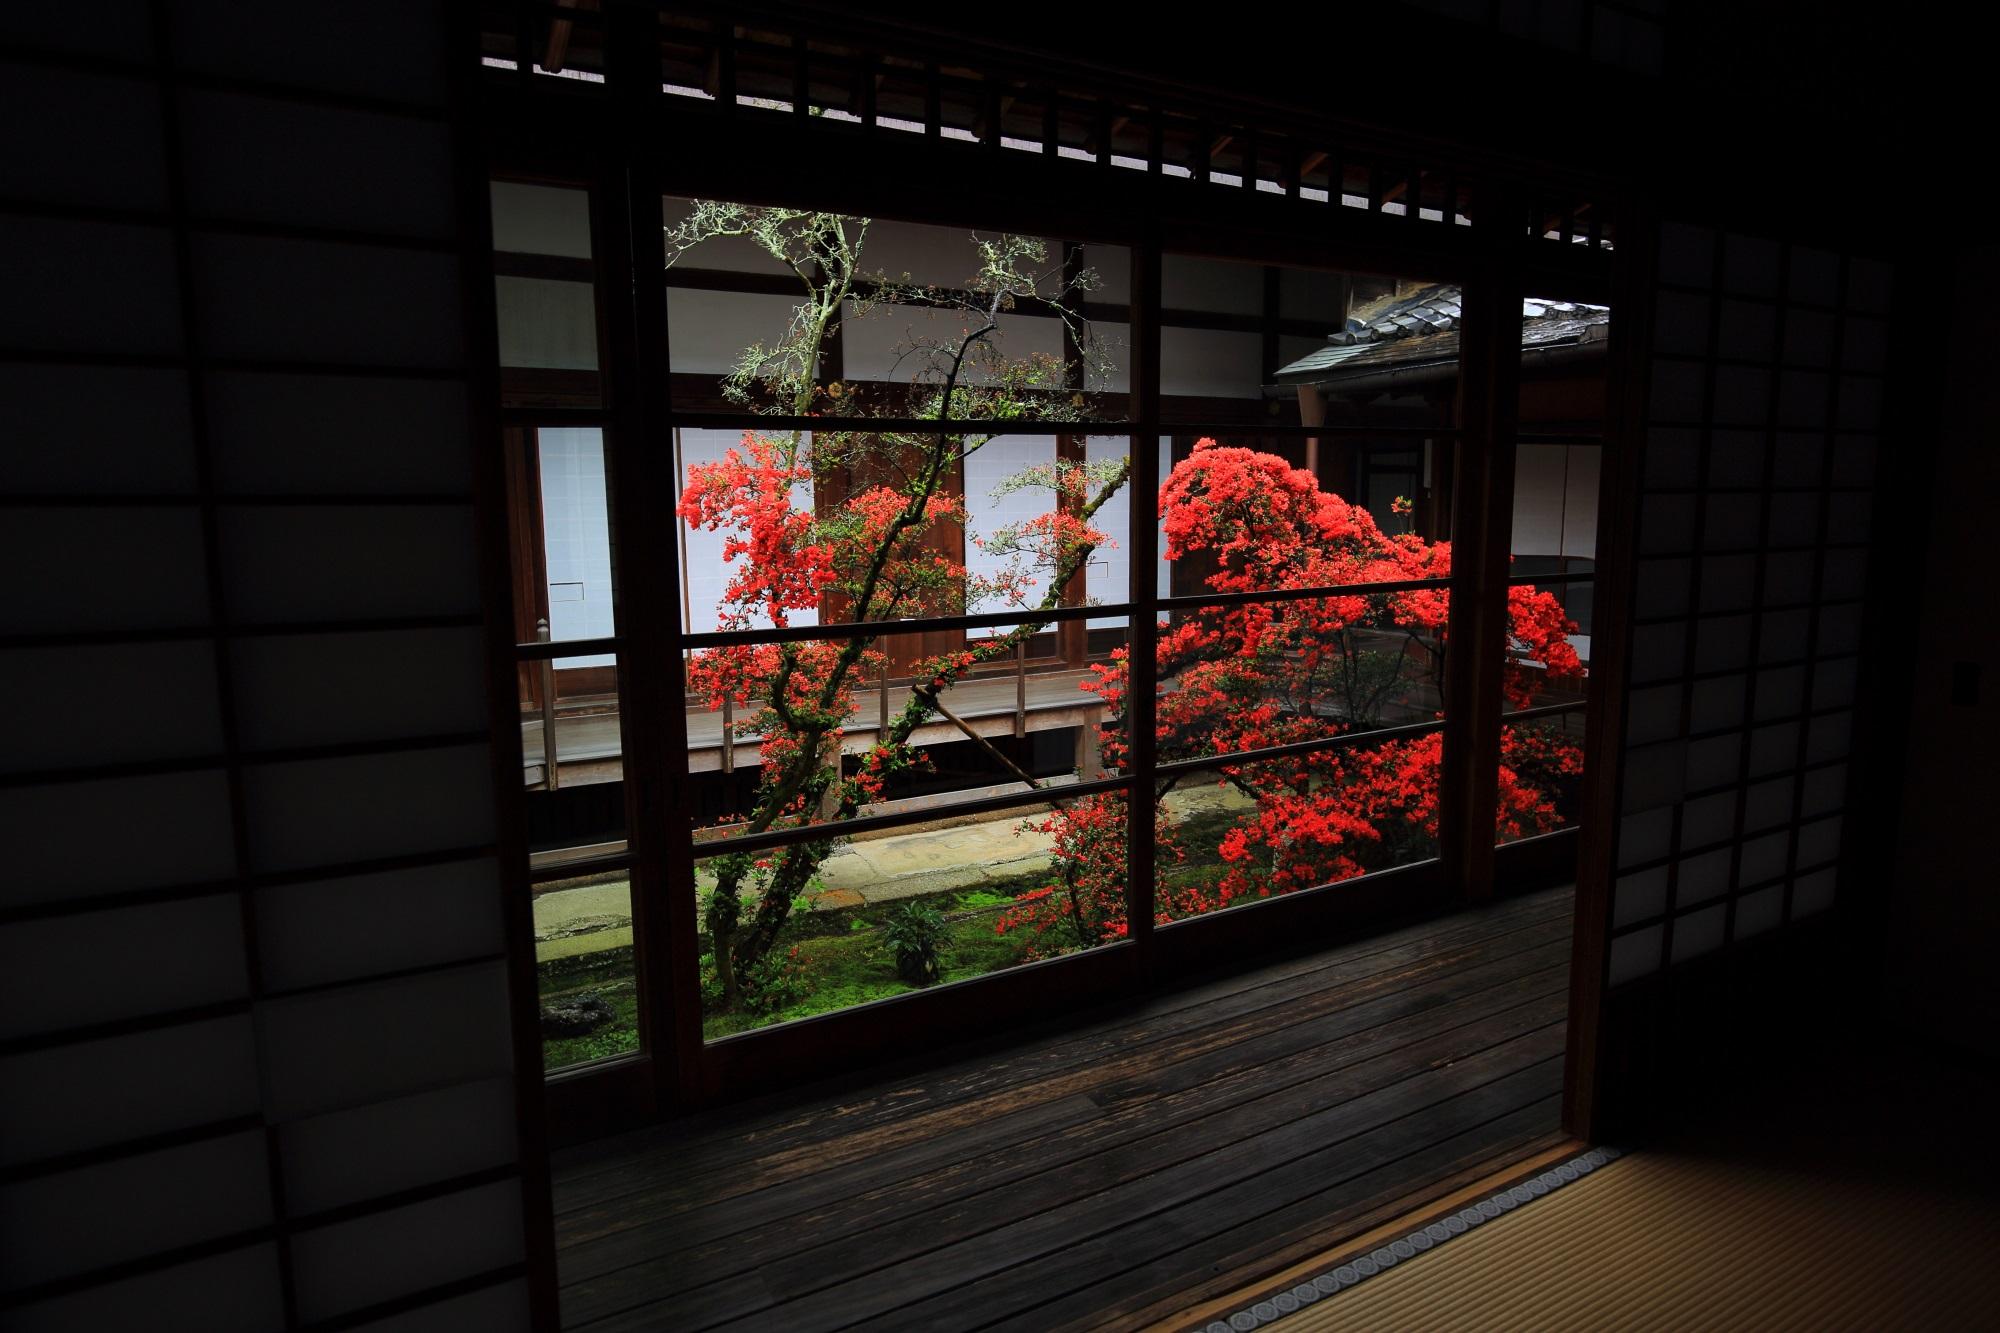 また雰囲気が違ってくる書院から眺めた中庭の赤いキリシマツツジ